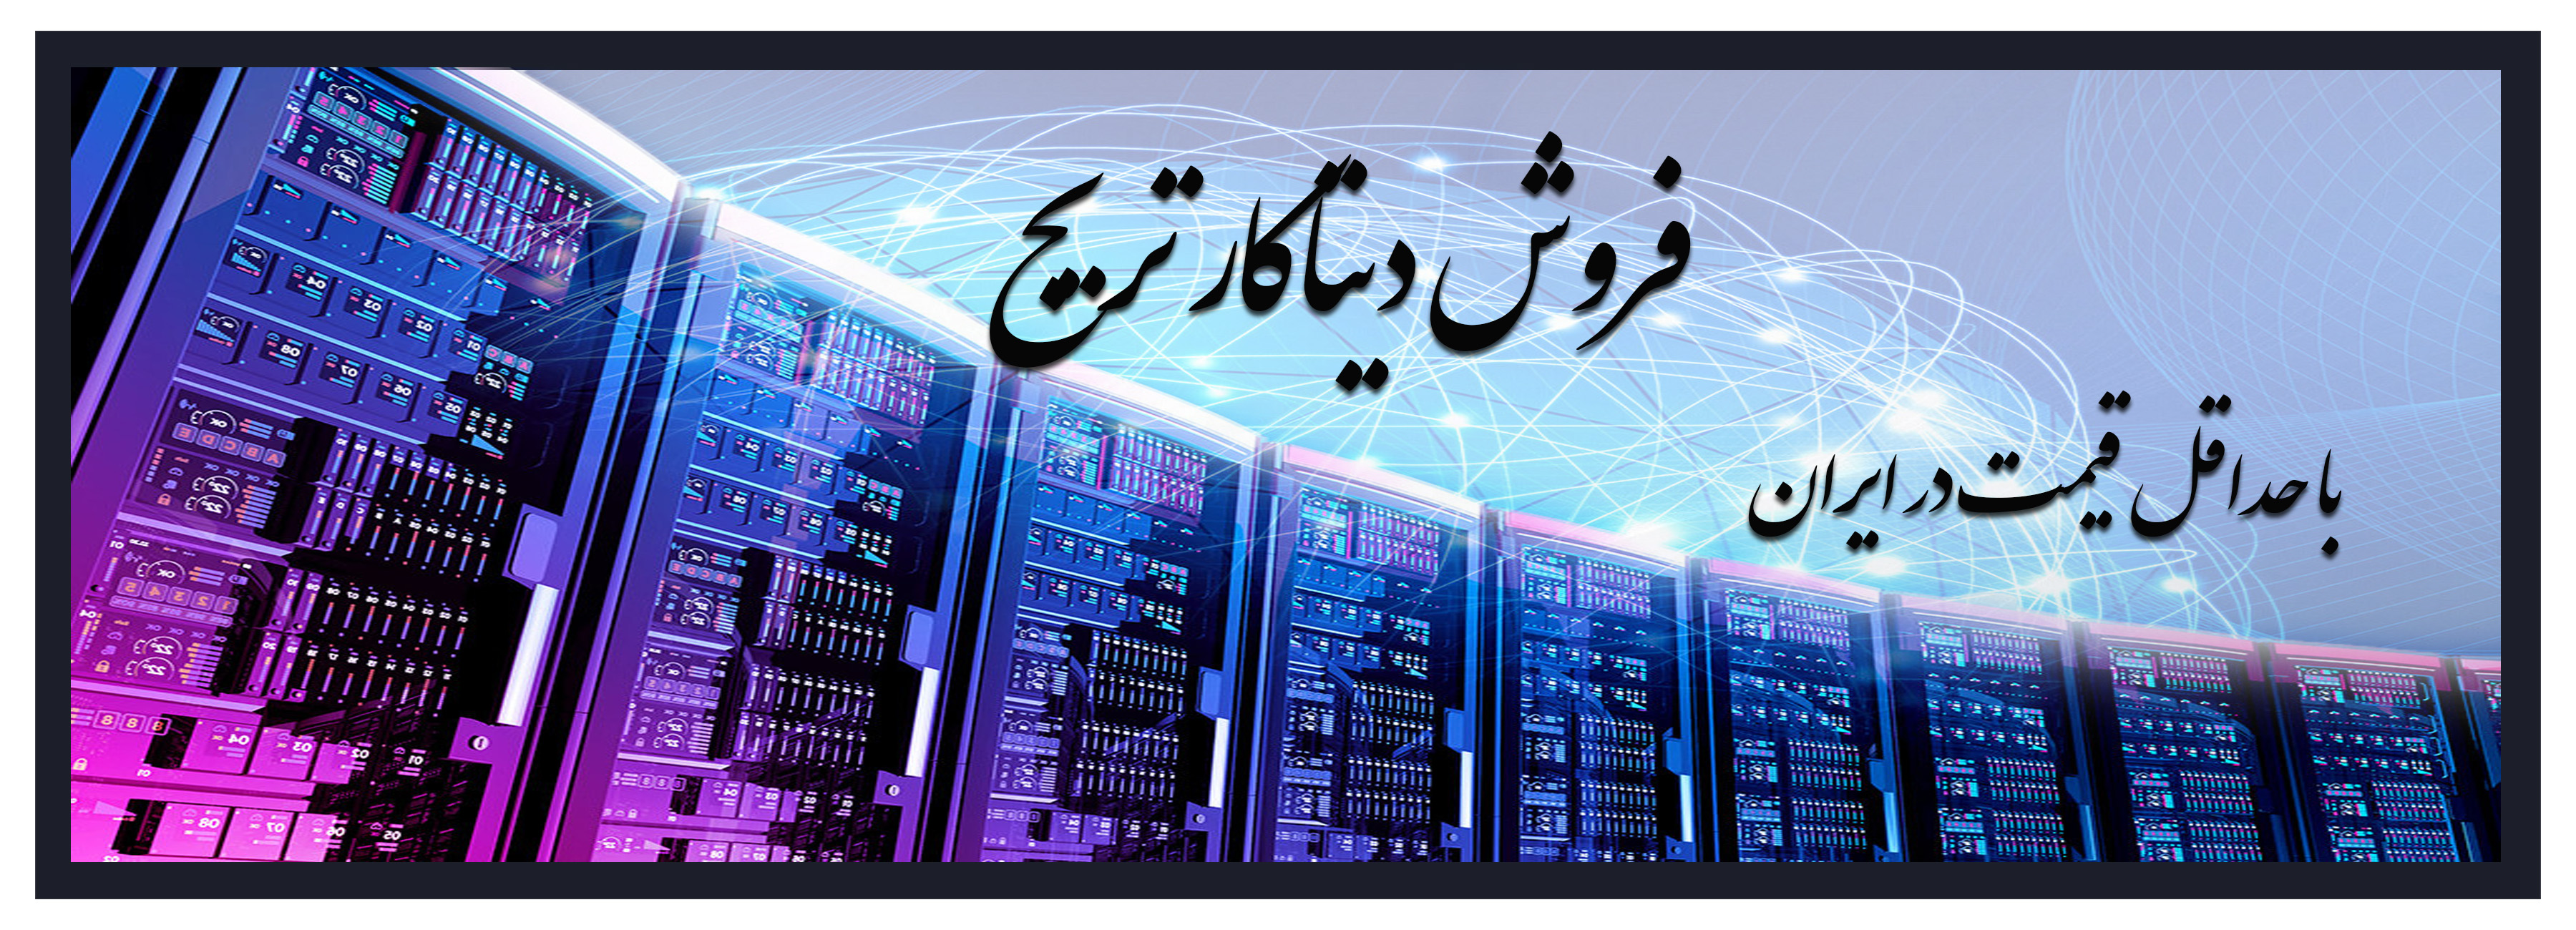 فروش ویژه دیتاکارتریج در ایران